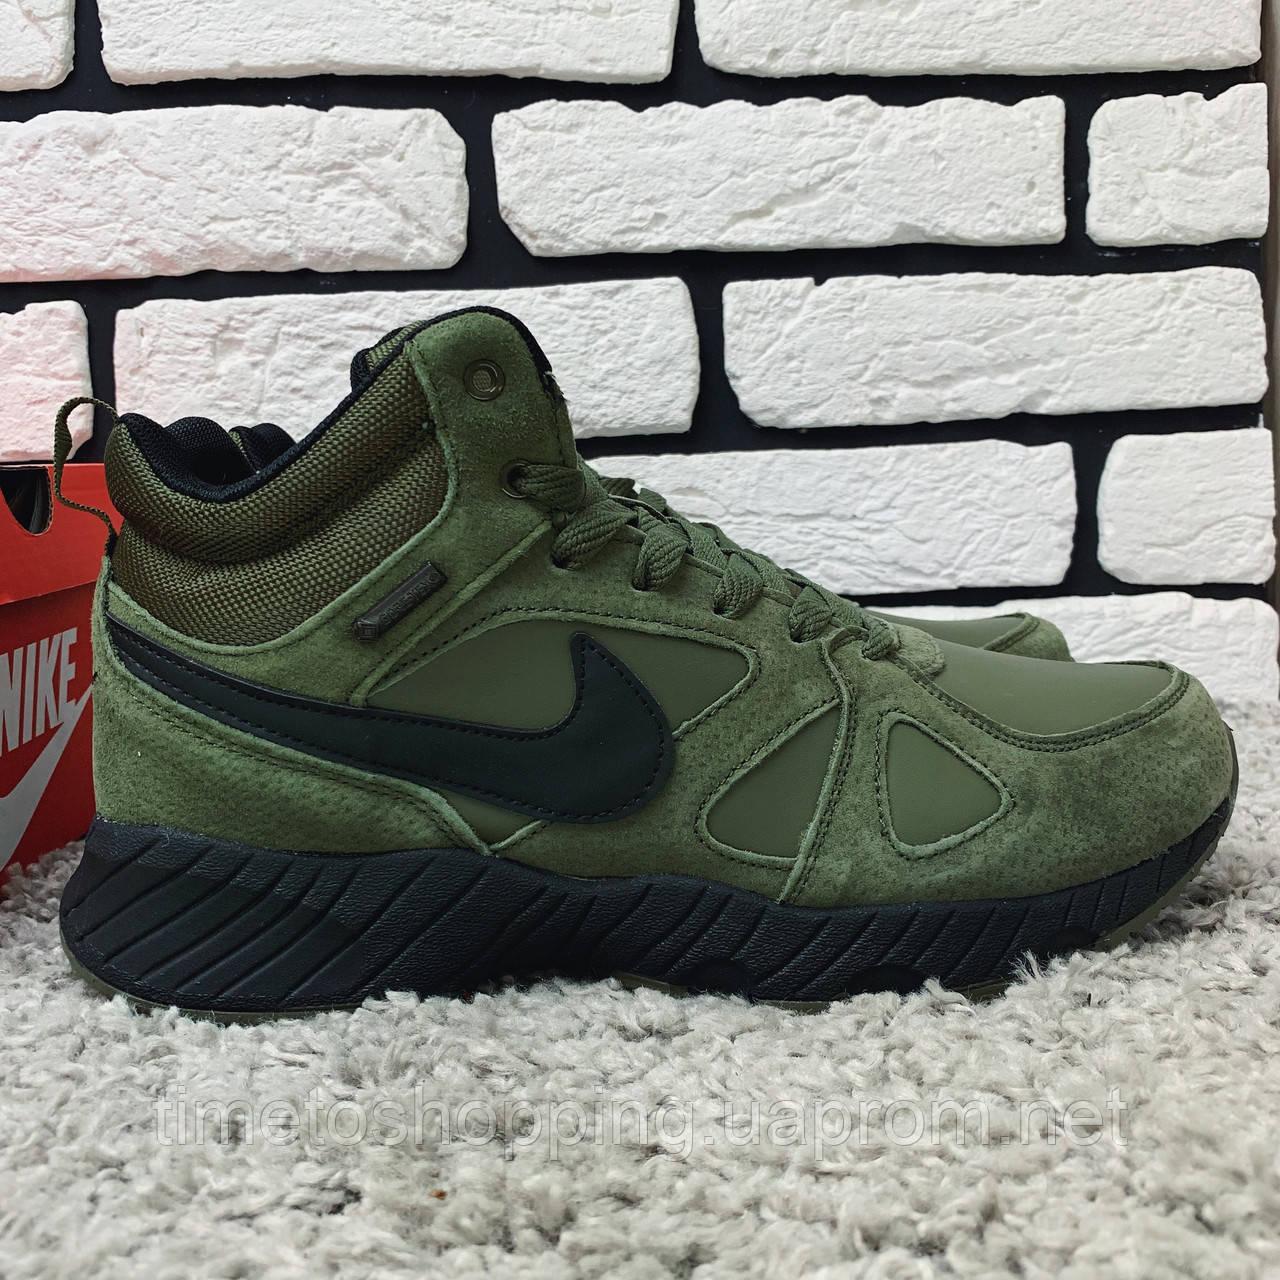 Зимние ботинки (на меху) мужские Nike Air Max 1-020 ⏩ [ ТОЛЬКО 45 РАЗМЕР, ]